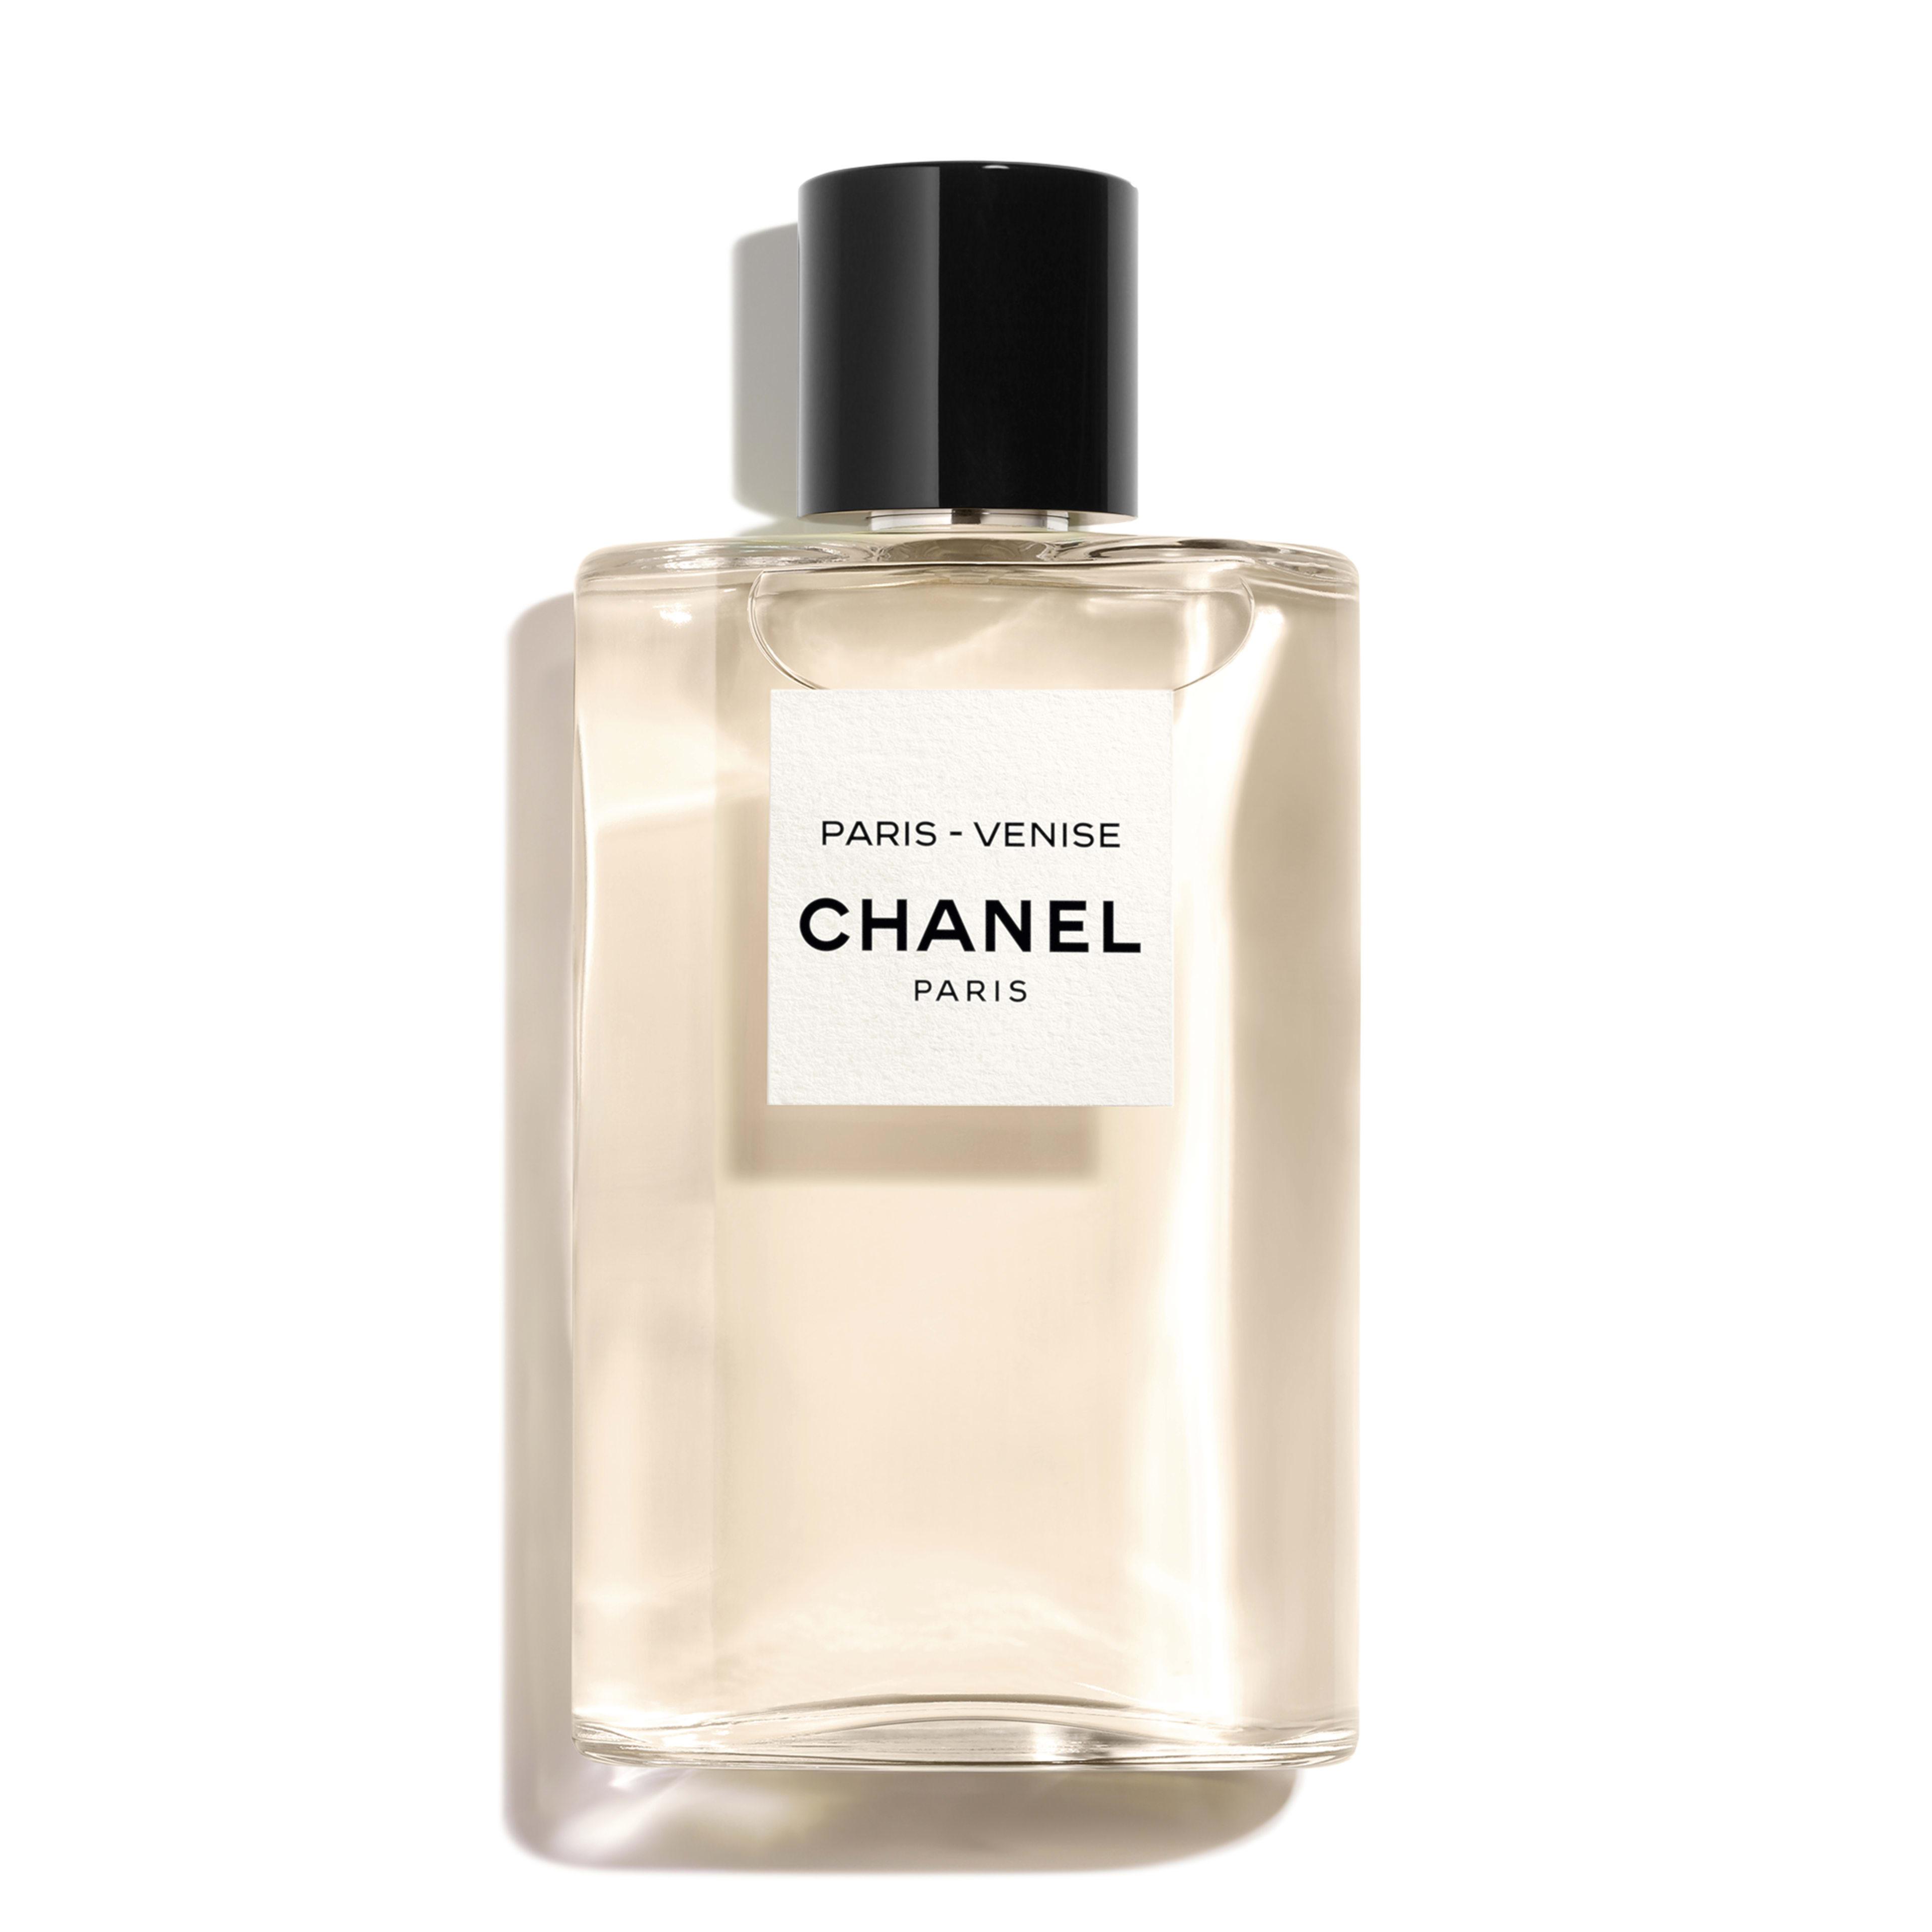 PARIS - VENISE - fragrance - 4.2FL. OZ. - Default view